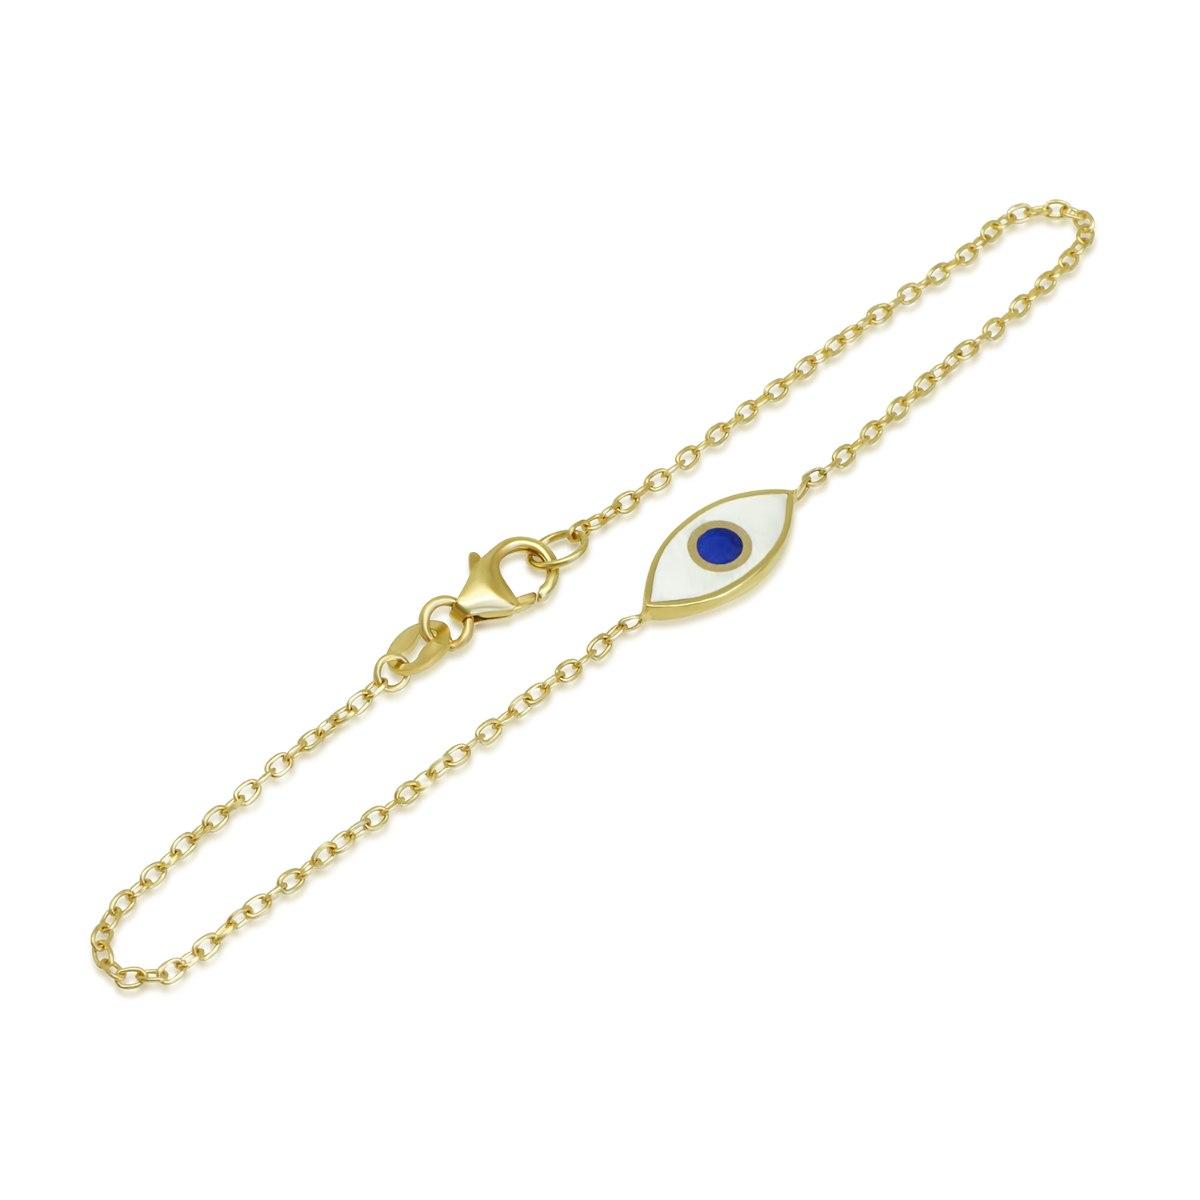 צמיד זהב עין הרע לנערה או אישה 14 קרט